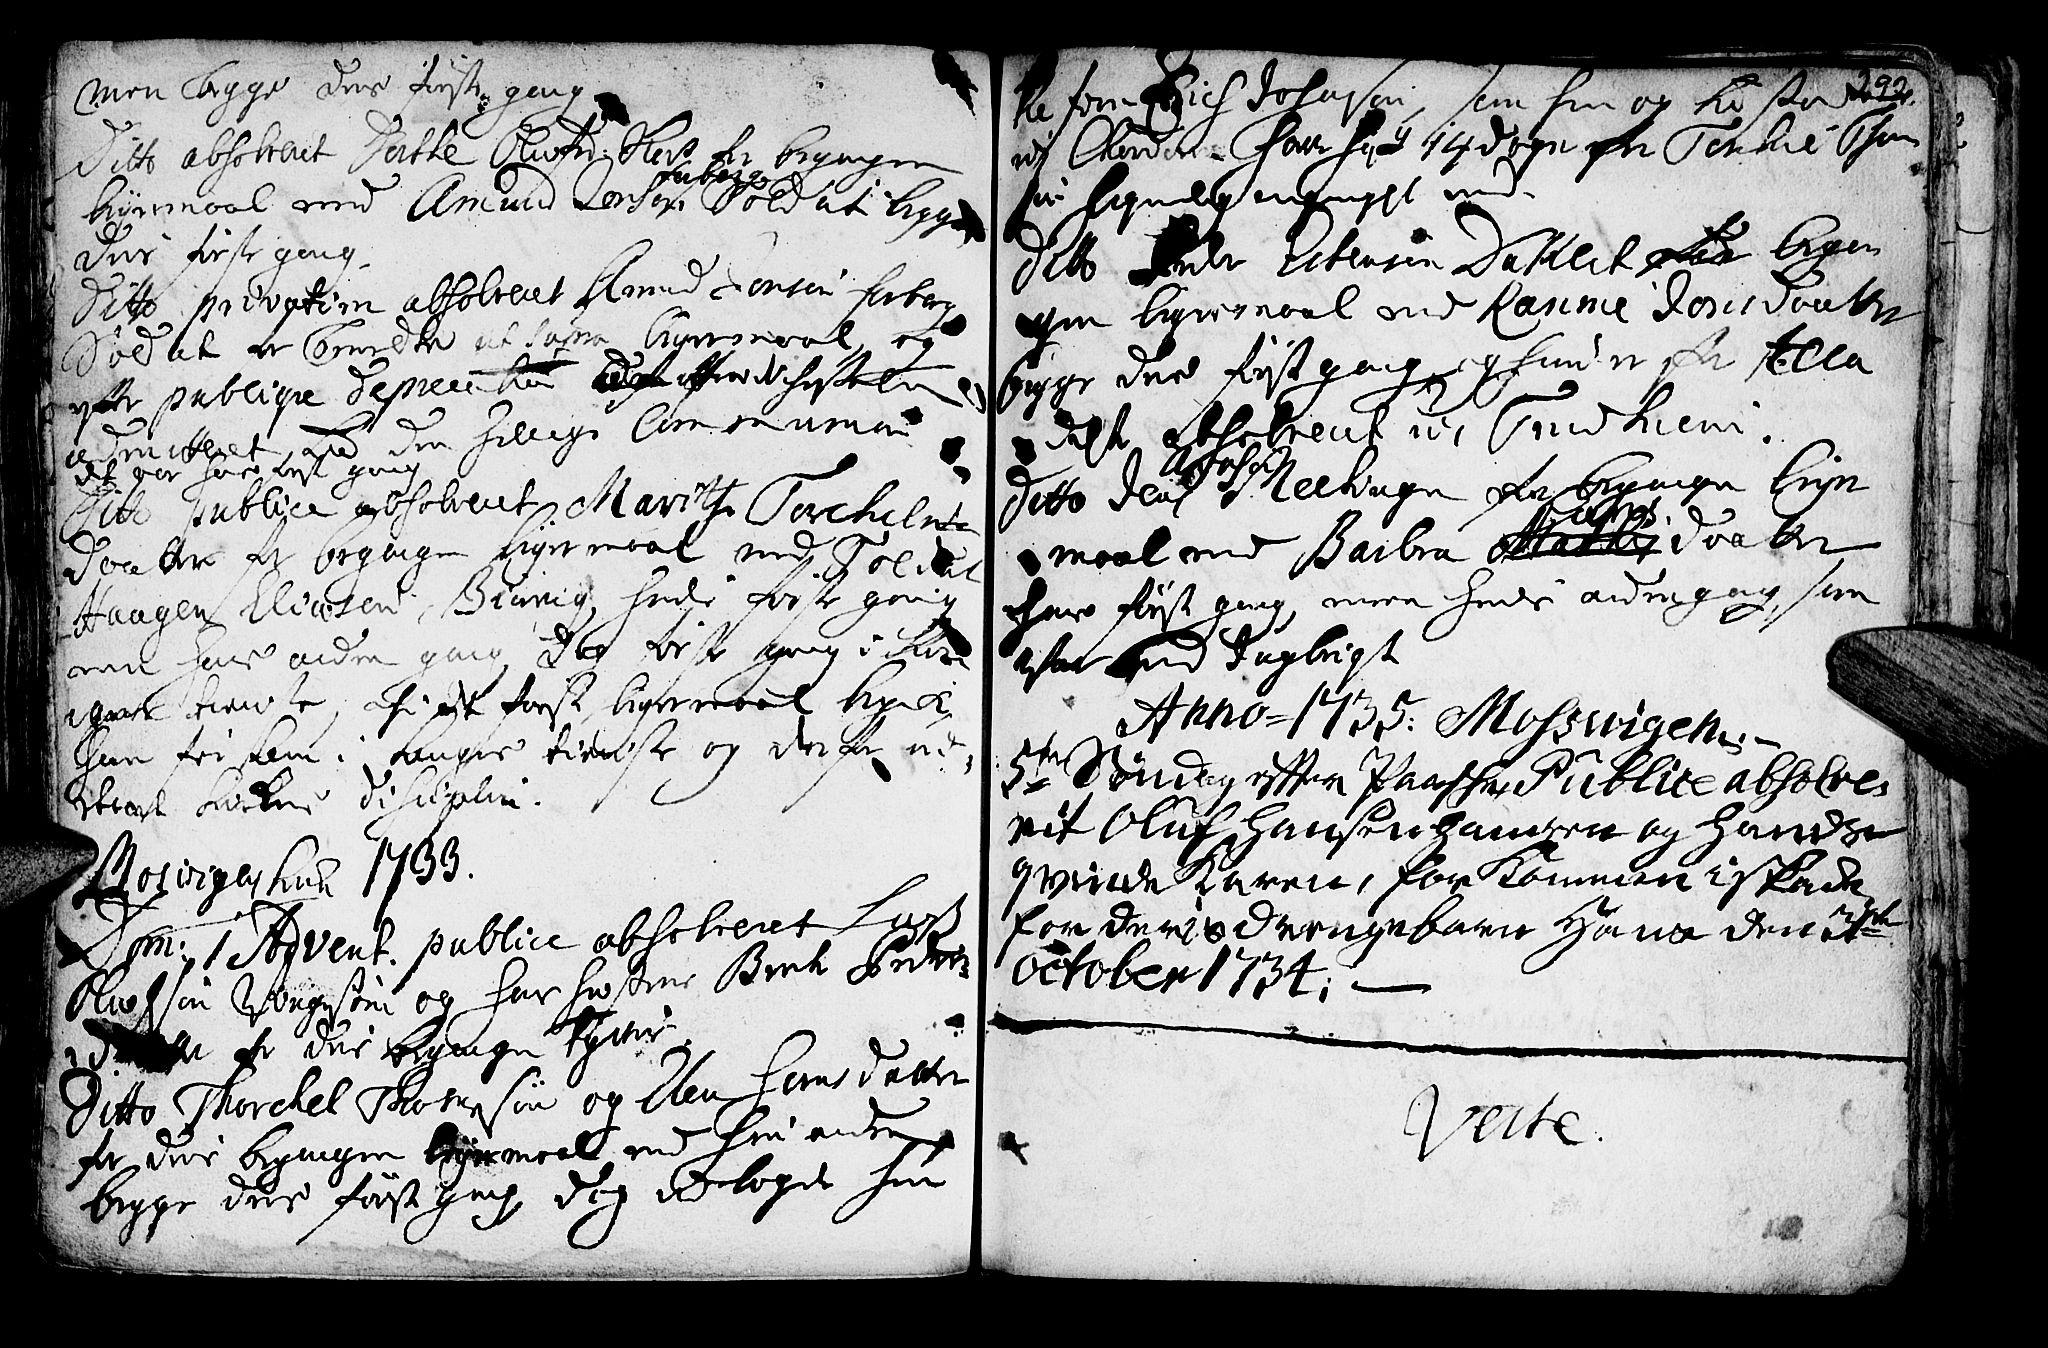 SAT, Ministerialprotokoller, klokkerbøker og fødselsregistre - Nord-Trøndelag, 722/L0215: Ministerialbok nr. 722A02, 1718-1755, s. 292